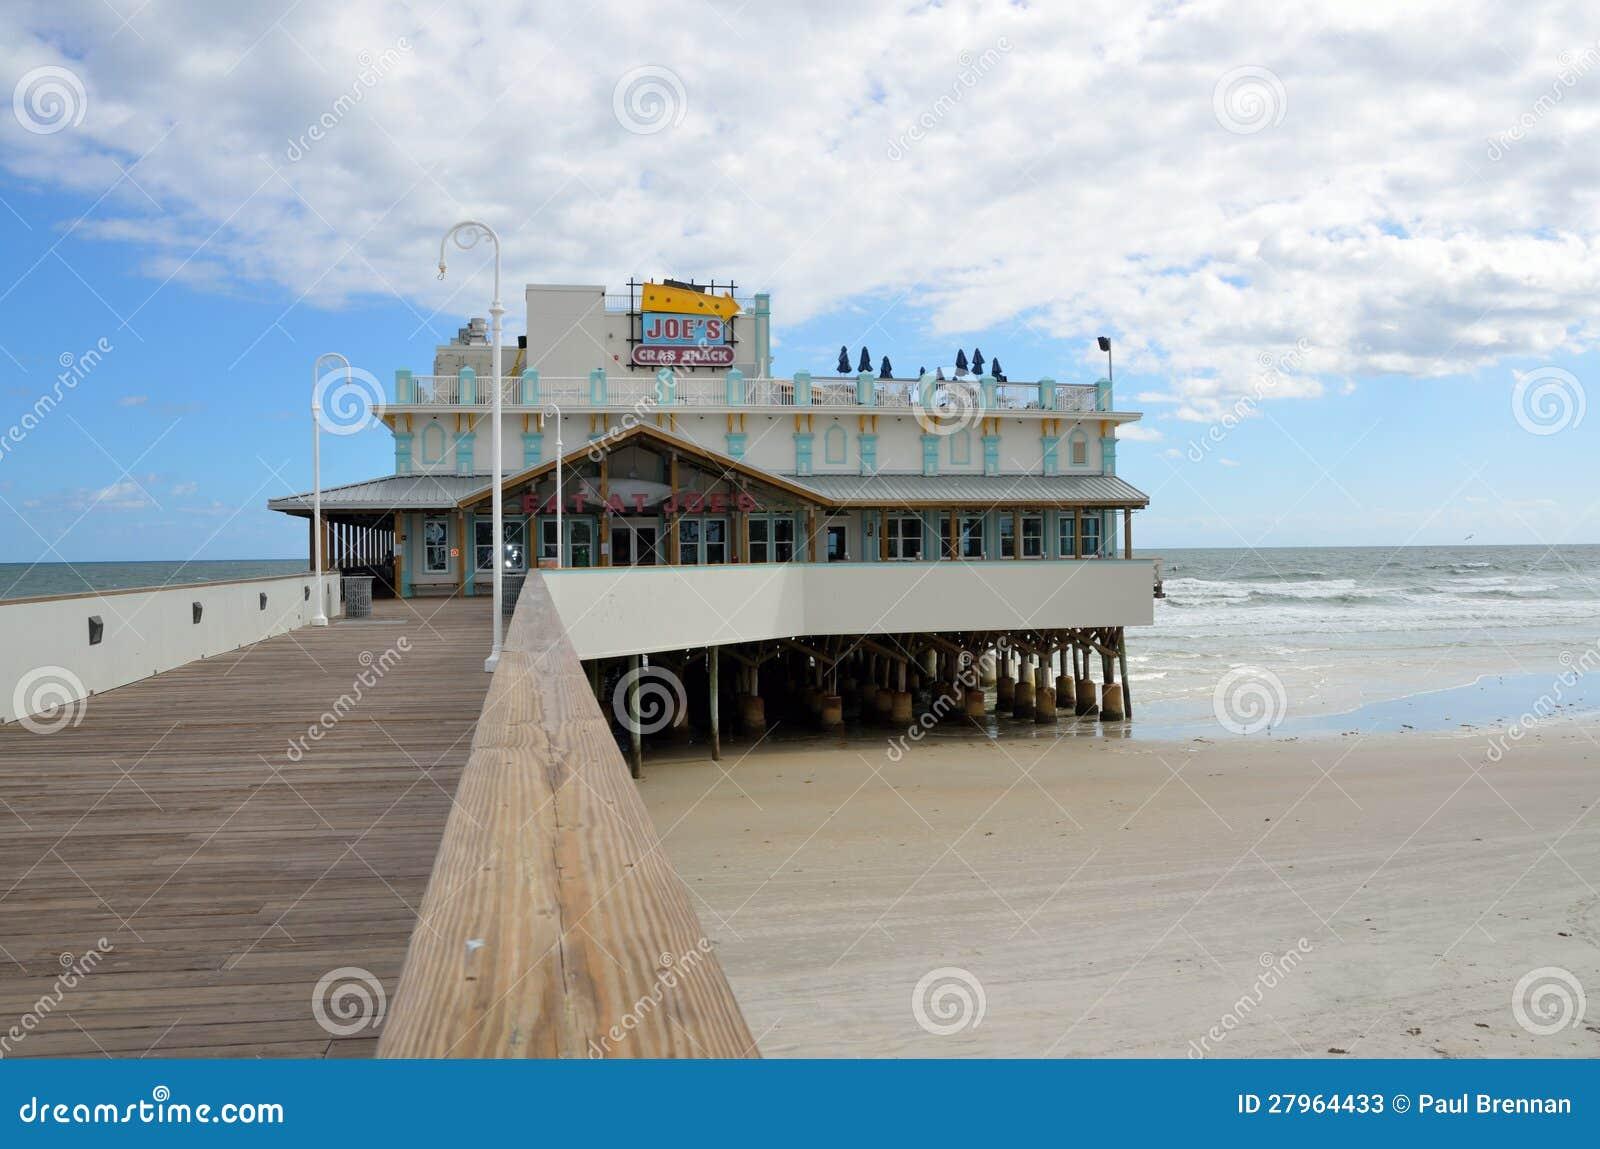 Daytona beach fishing pier editorial stock photo image of for Daytona beach fishing